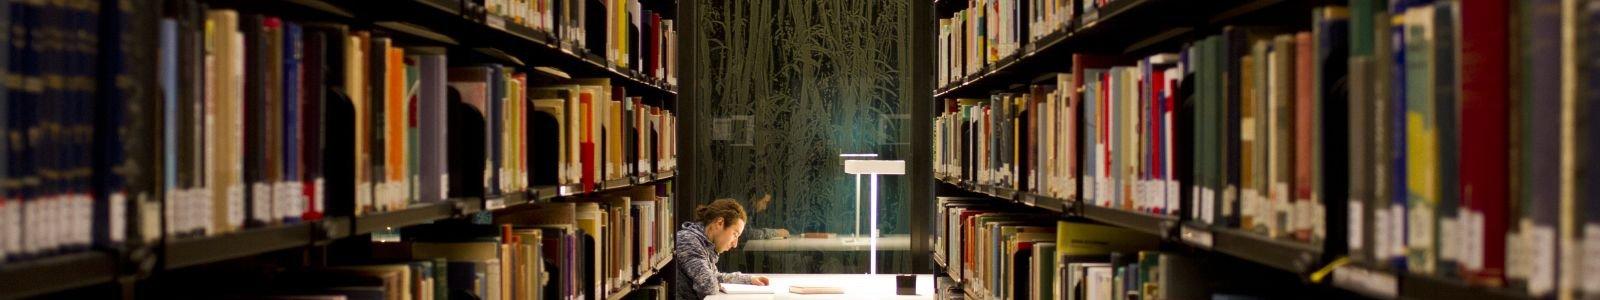 doorkijkje naar student bibliotheek